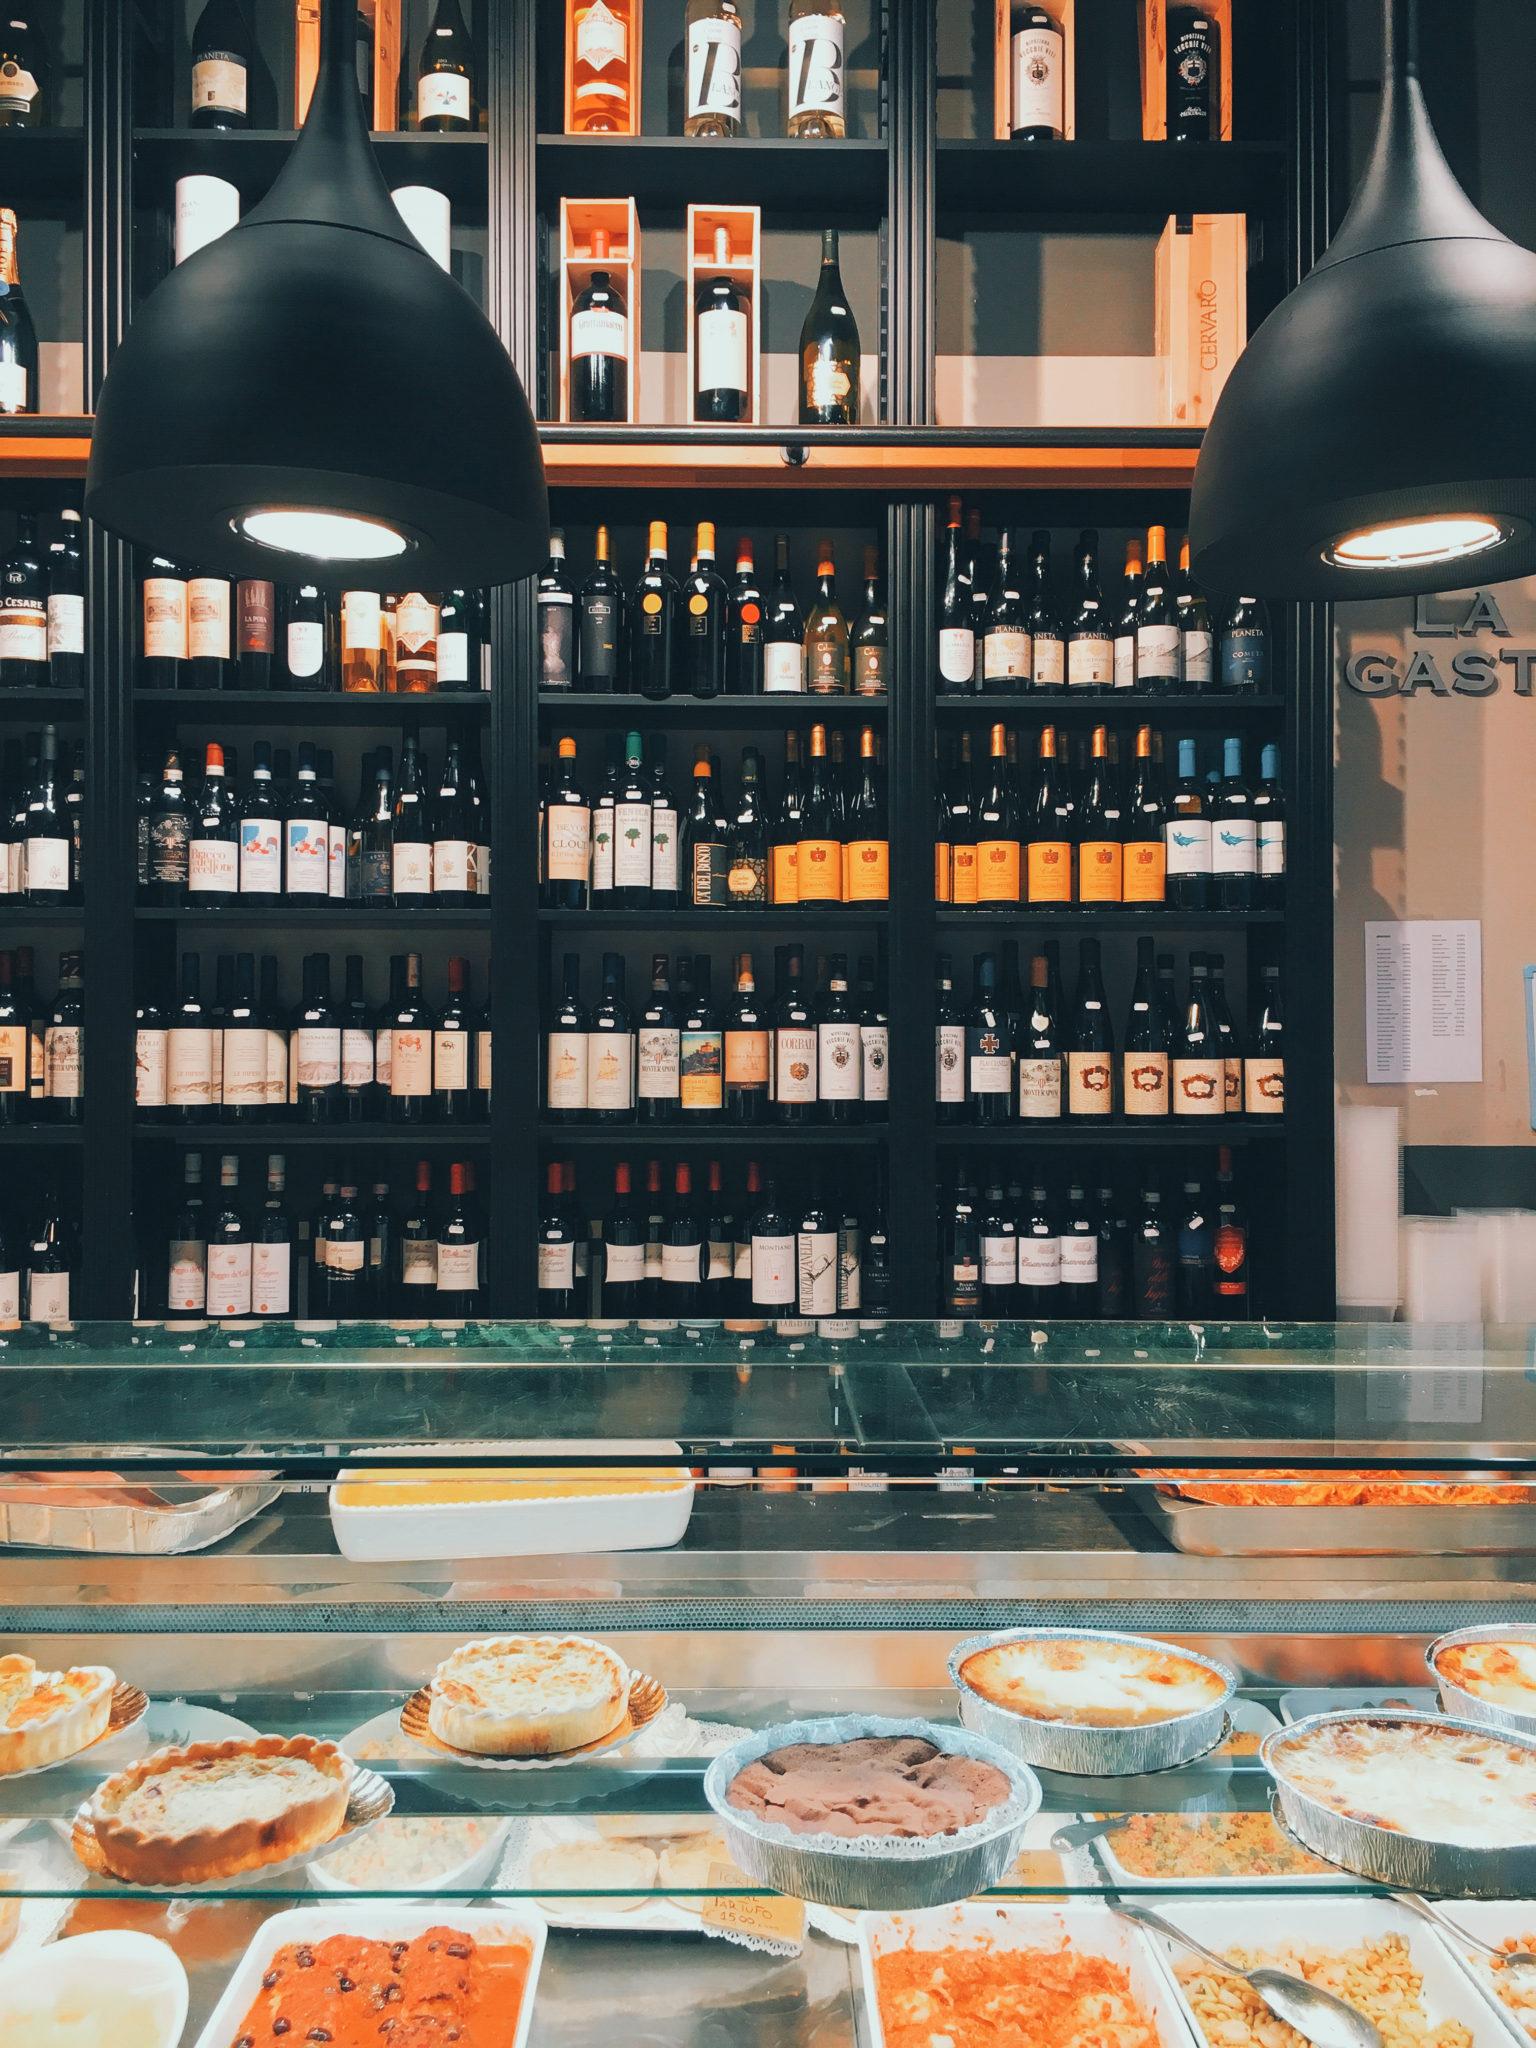 A due passi dalle spiagge della Versilia, una bottega di alimentari e specialità del posto a conduzione familiare dal 1952!